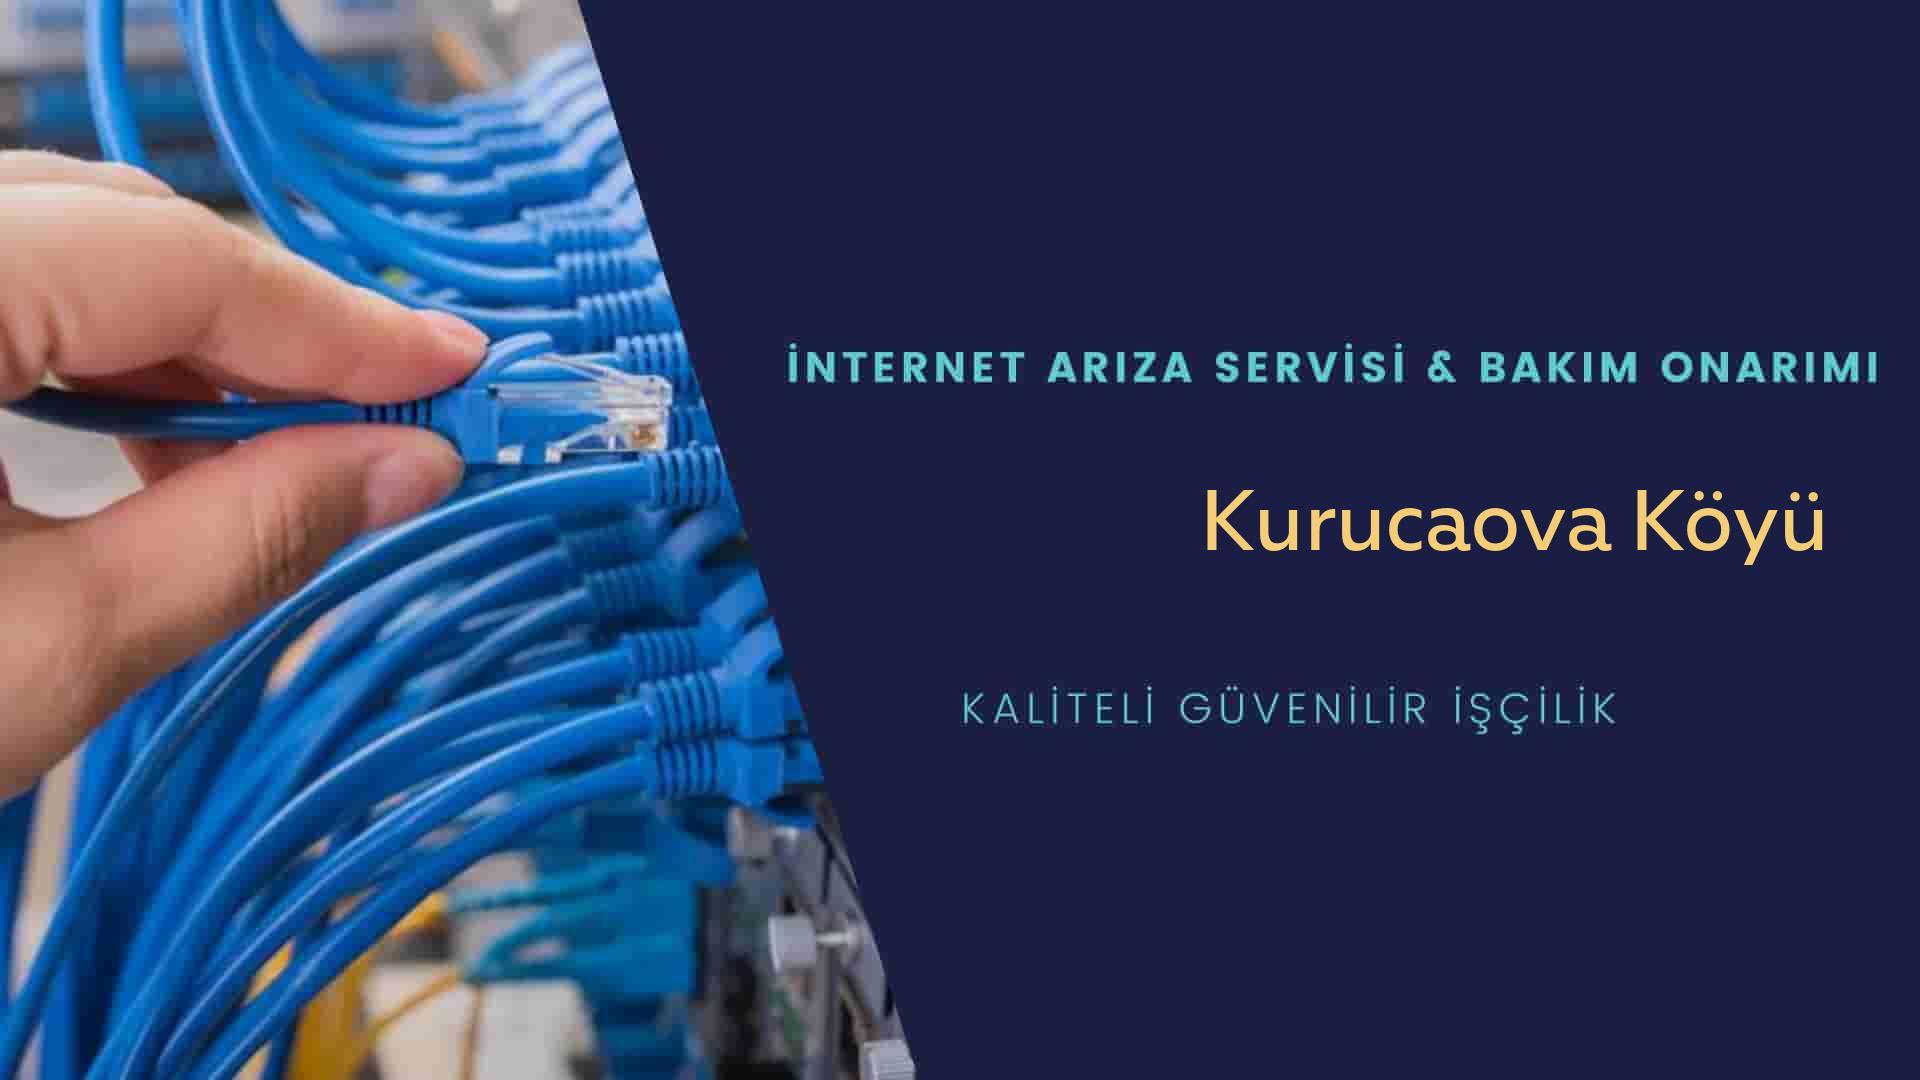 Kurucaova Köyü internet kablosu çekimi yapan yerler veya elektrikçiler mi? arıyorsunuz doğru yerdesiniz o zaman sizlere 7/24 yardımcı olacak profesyonel ustalarımız bir telefon kadar yakındır size.